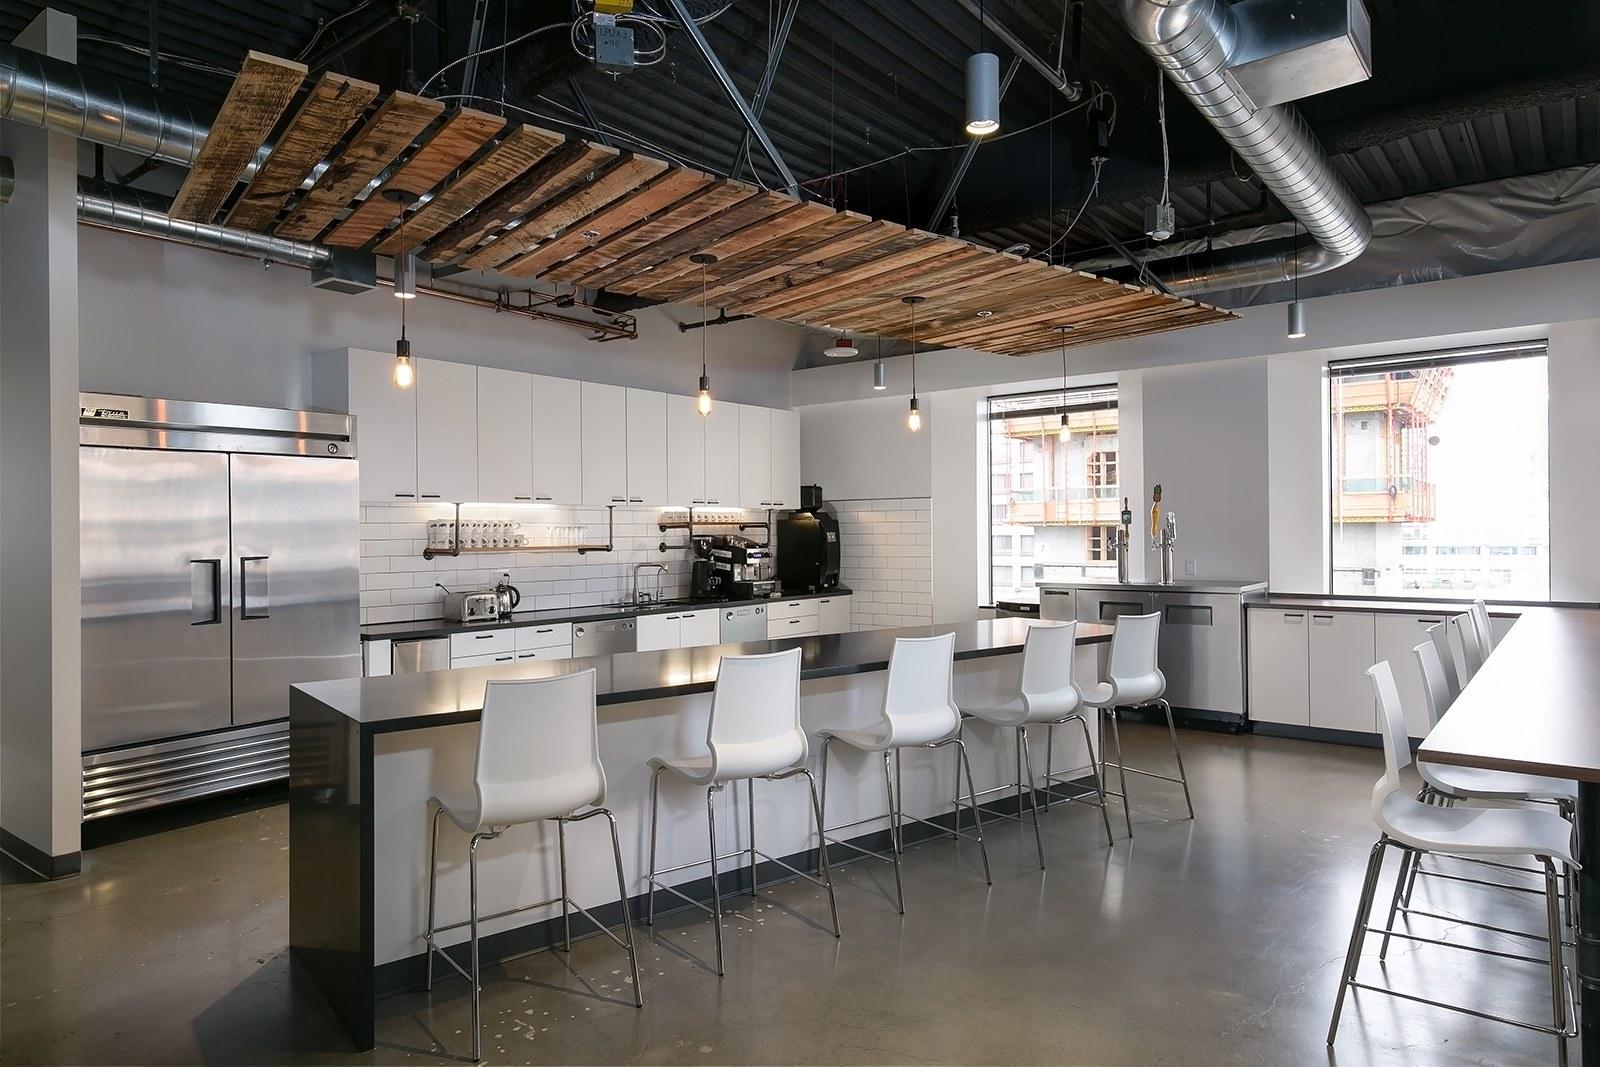 Pirch San Diego Office Design. Kitchen Pirch San Diego Office Design